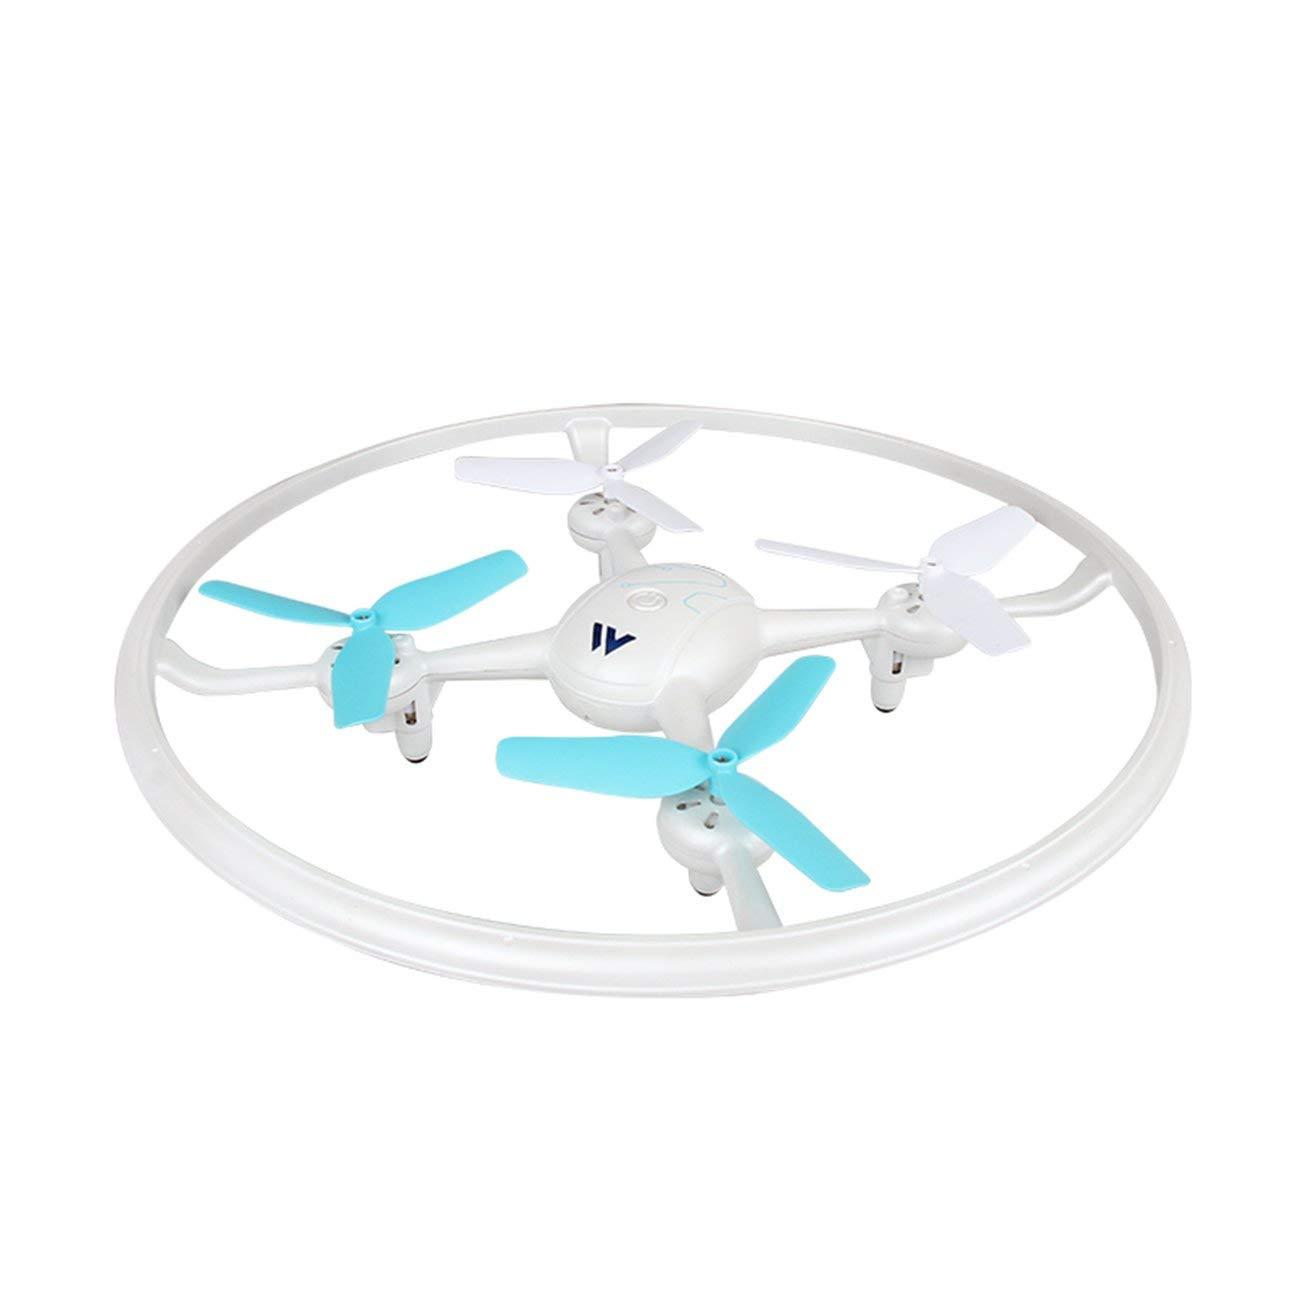 Drone Yade W3 Beleuchtung Vier-Achsen-UAV setzen hohen Standard ohne Kamera von Ballylyly